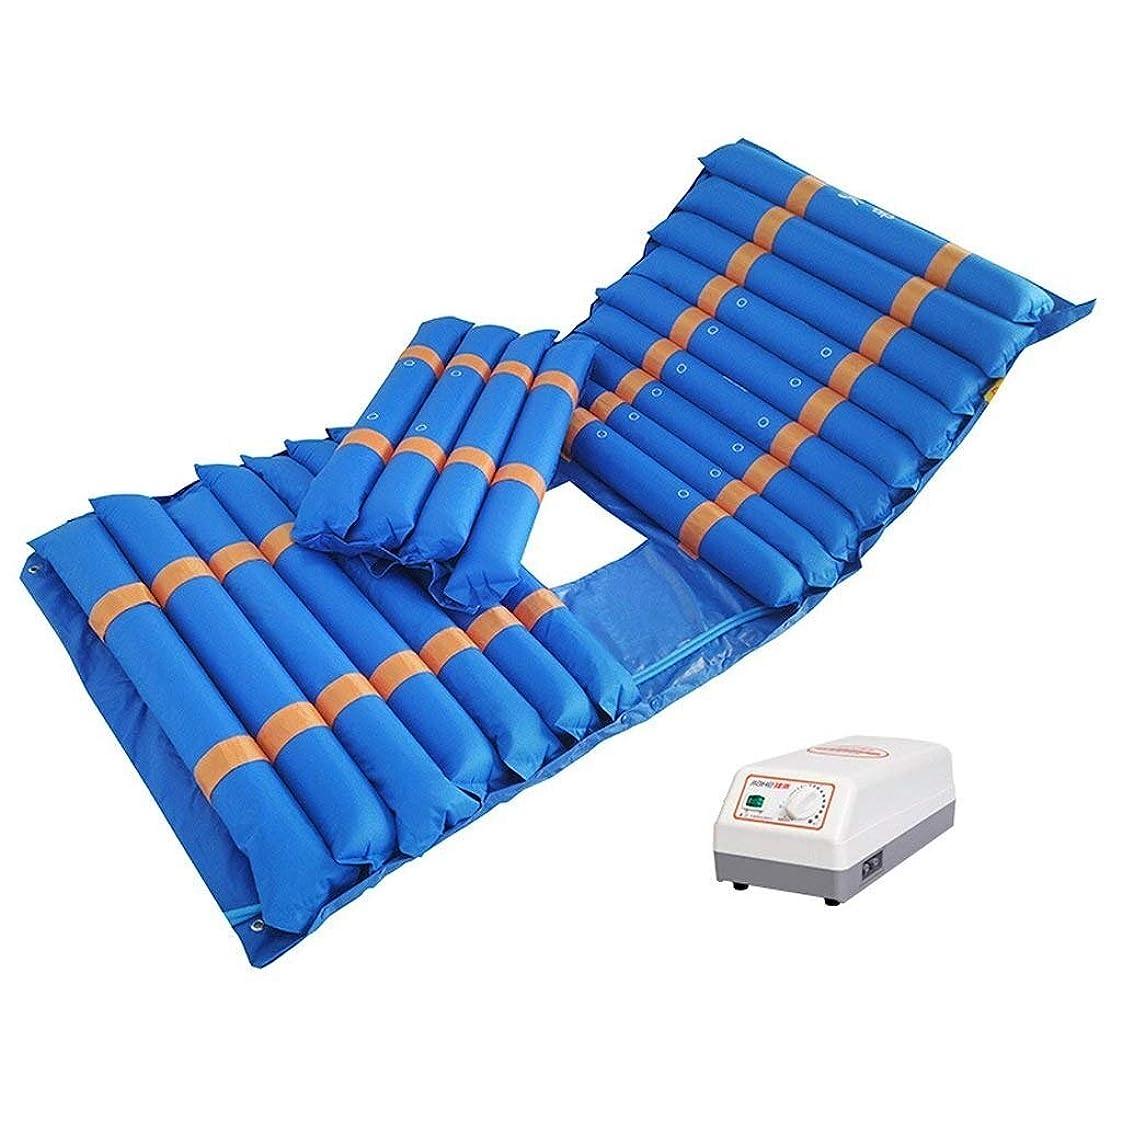 生まれ首心配するマッサージチェア マッサージチェア熱、マッサージマットレス振動パッド、医療用家庭用PVC抗褥瘡手動調整マットレスアンチスキッド+電動ポンプ